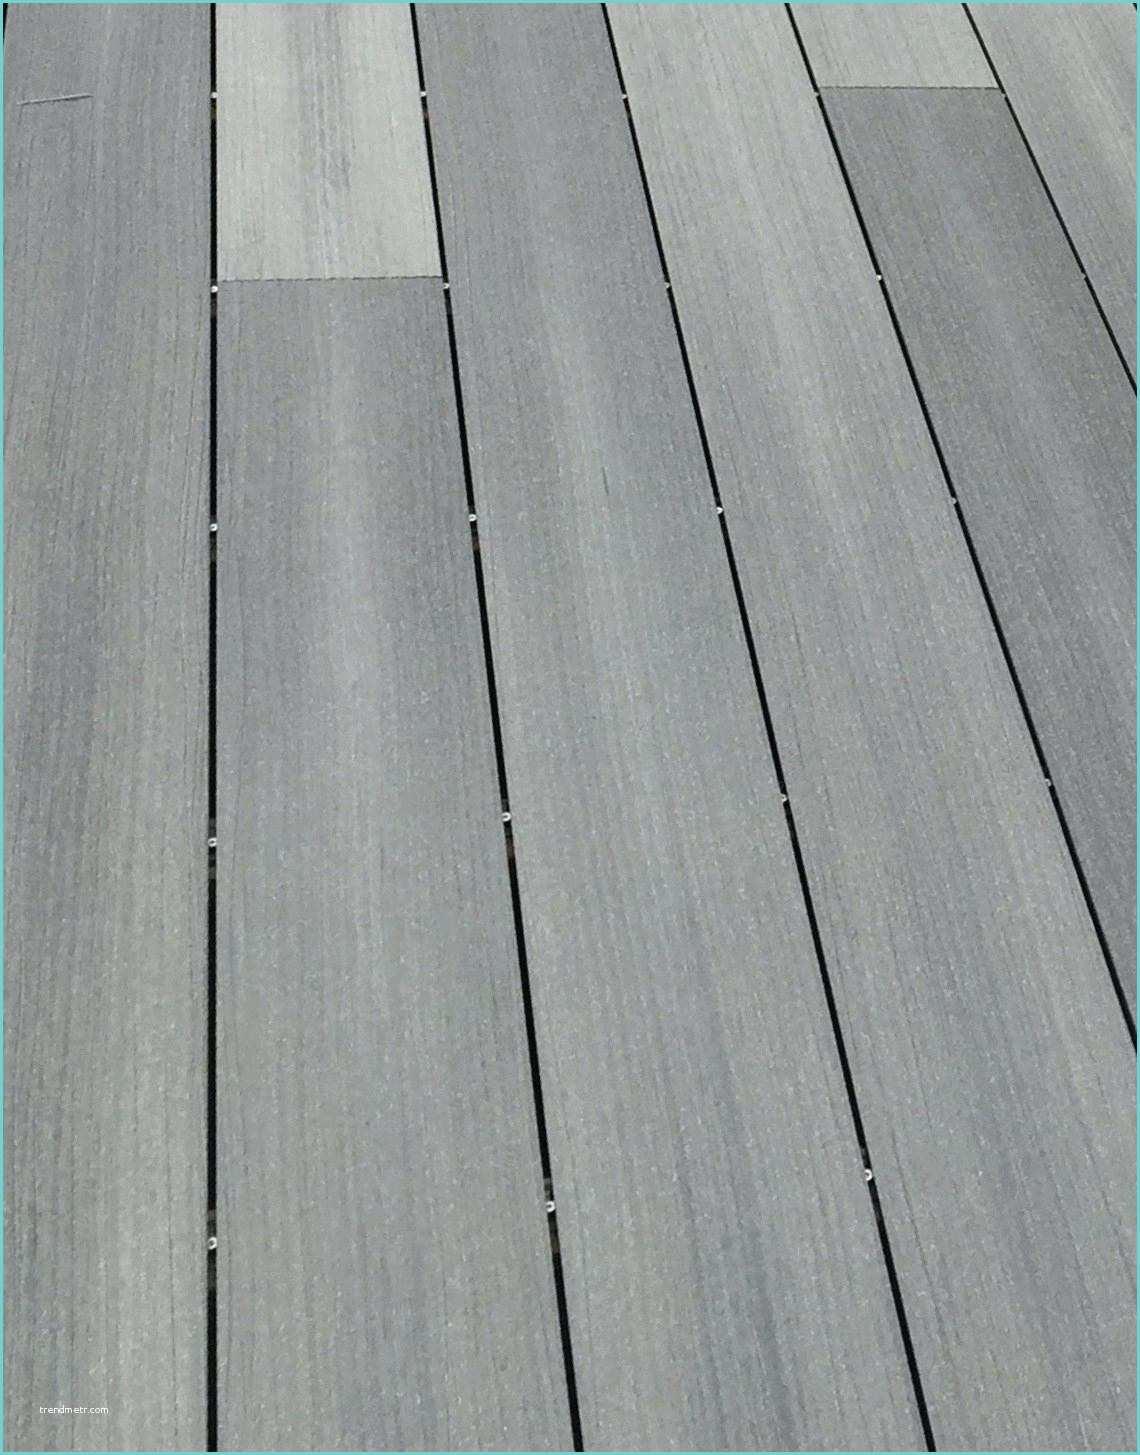 46 Lame De Terrasse Composite Brico Depot Trendmetr Pour Lame De Terrasse Composite Brico Depot Agencecormierdelauniere Com Agencecormierdelauniere Com